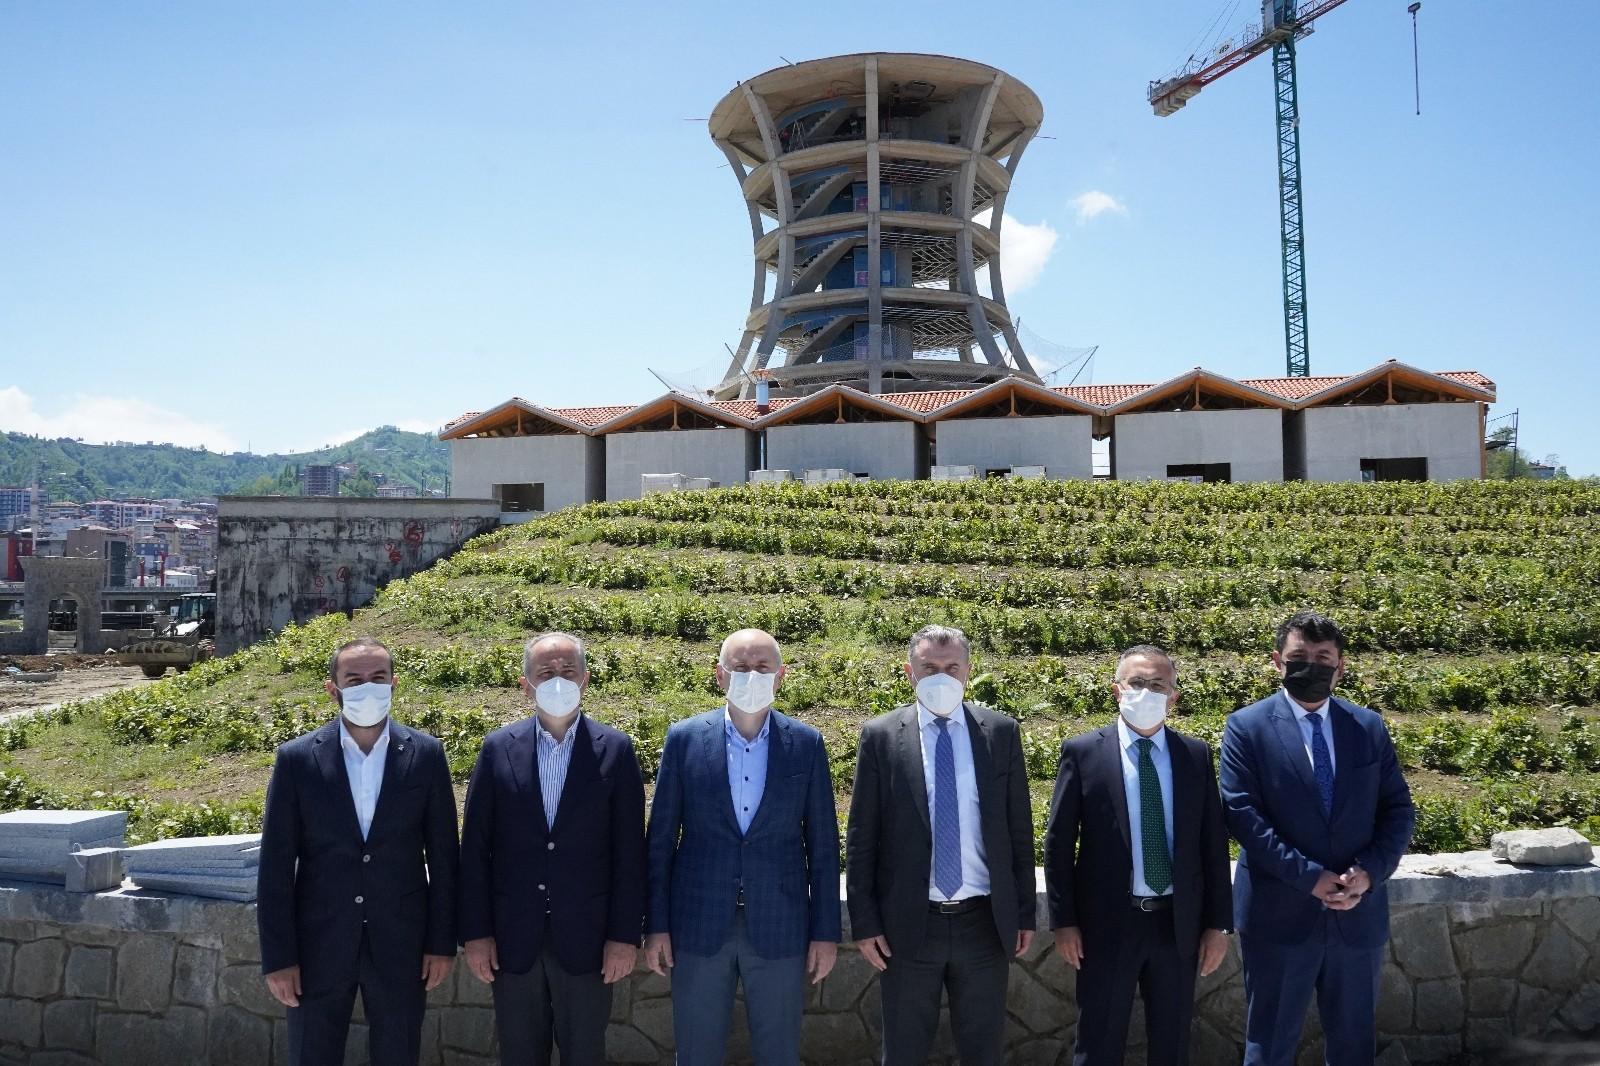 Ulaştırma ve Altyapı Bakanı Adil Karaismailoğlu, Rize'de inşaatı devam eden projeleri inceledi